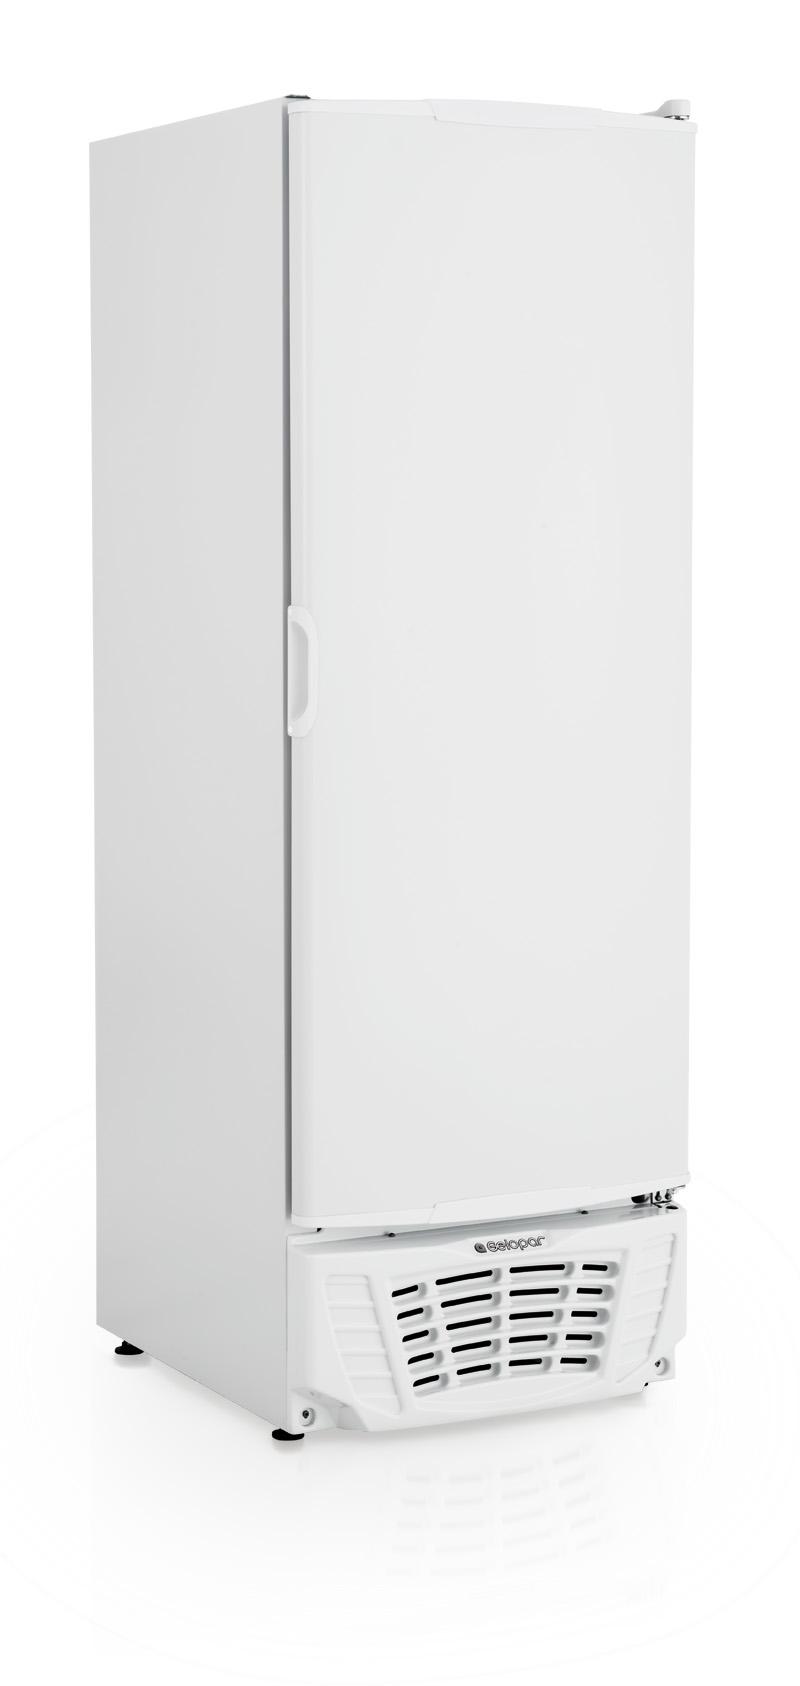 Freezer conservador e Refrigerador GTPC-575BR Gelopar